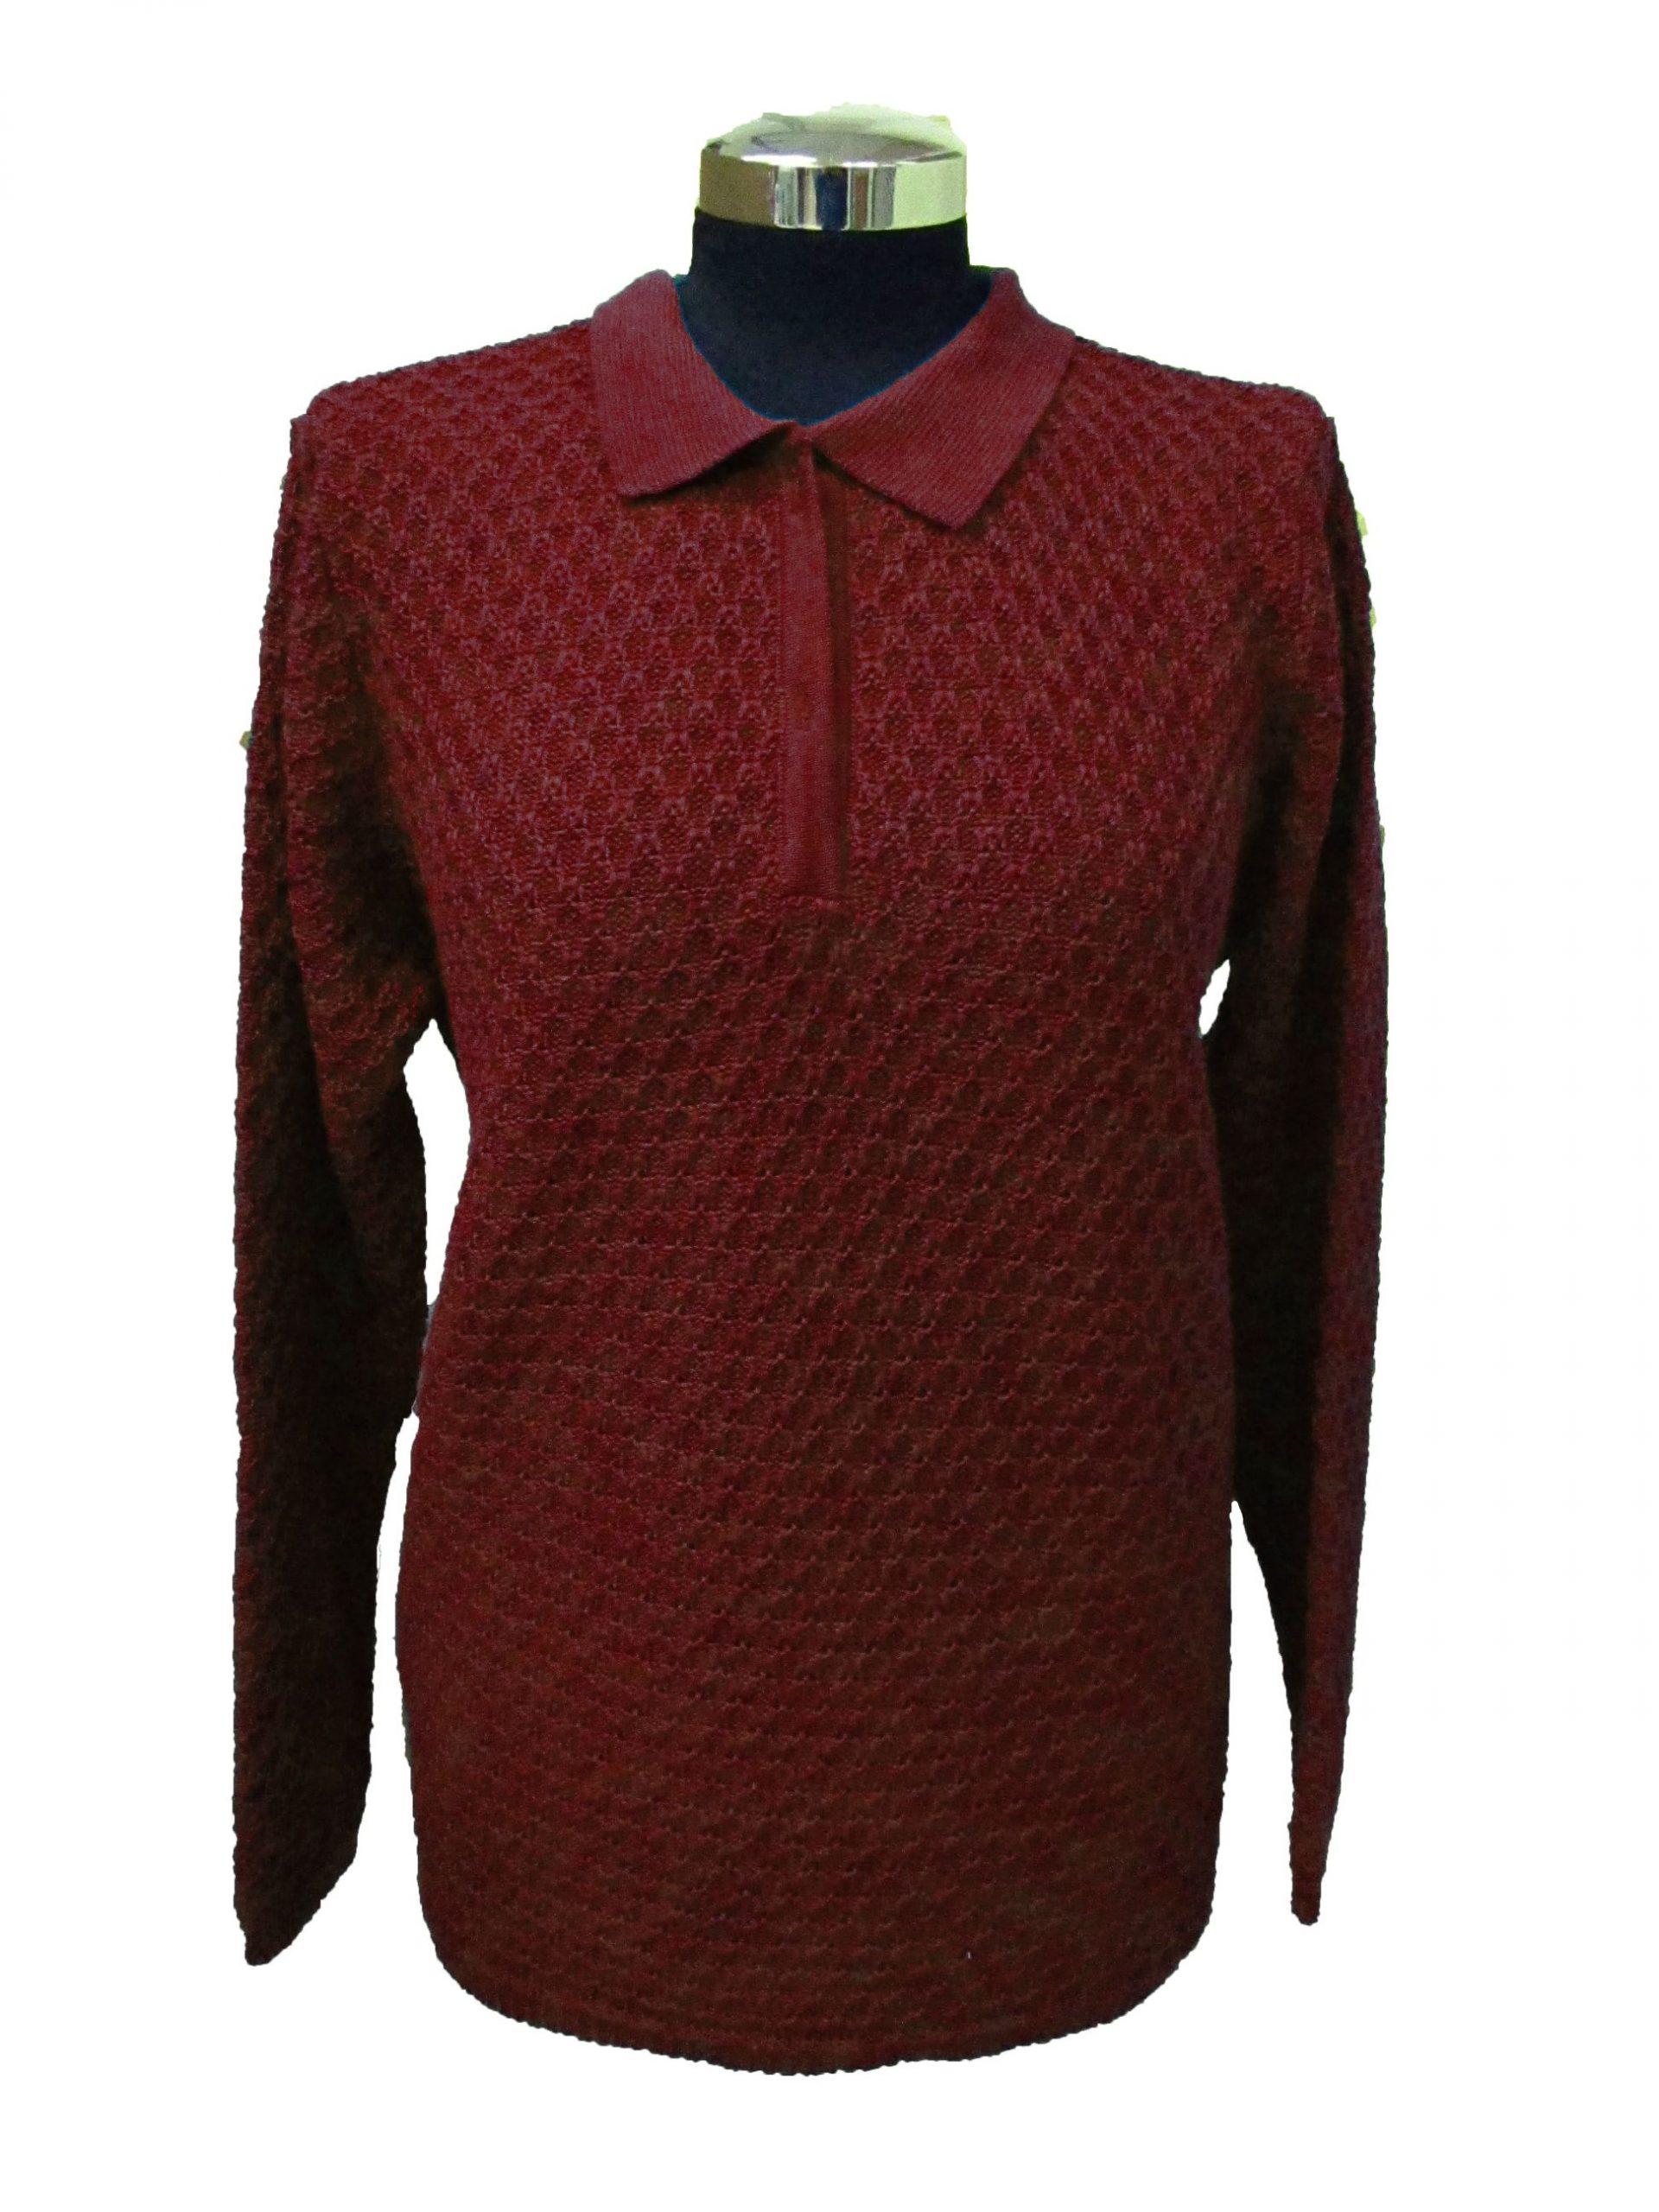 Polo Sweater in Bubble Knitwork - Bordeaux